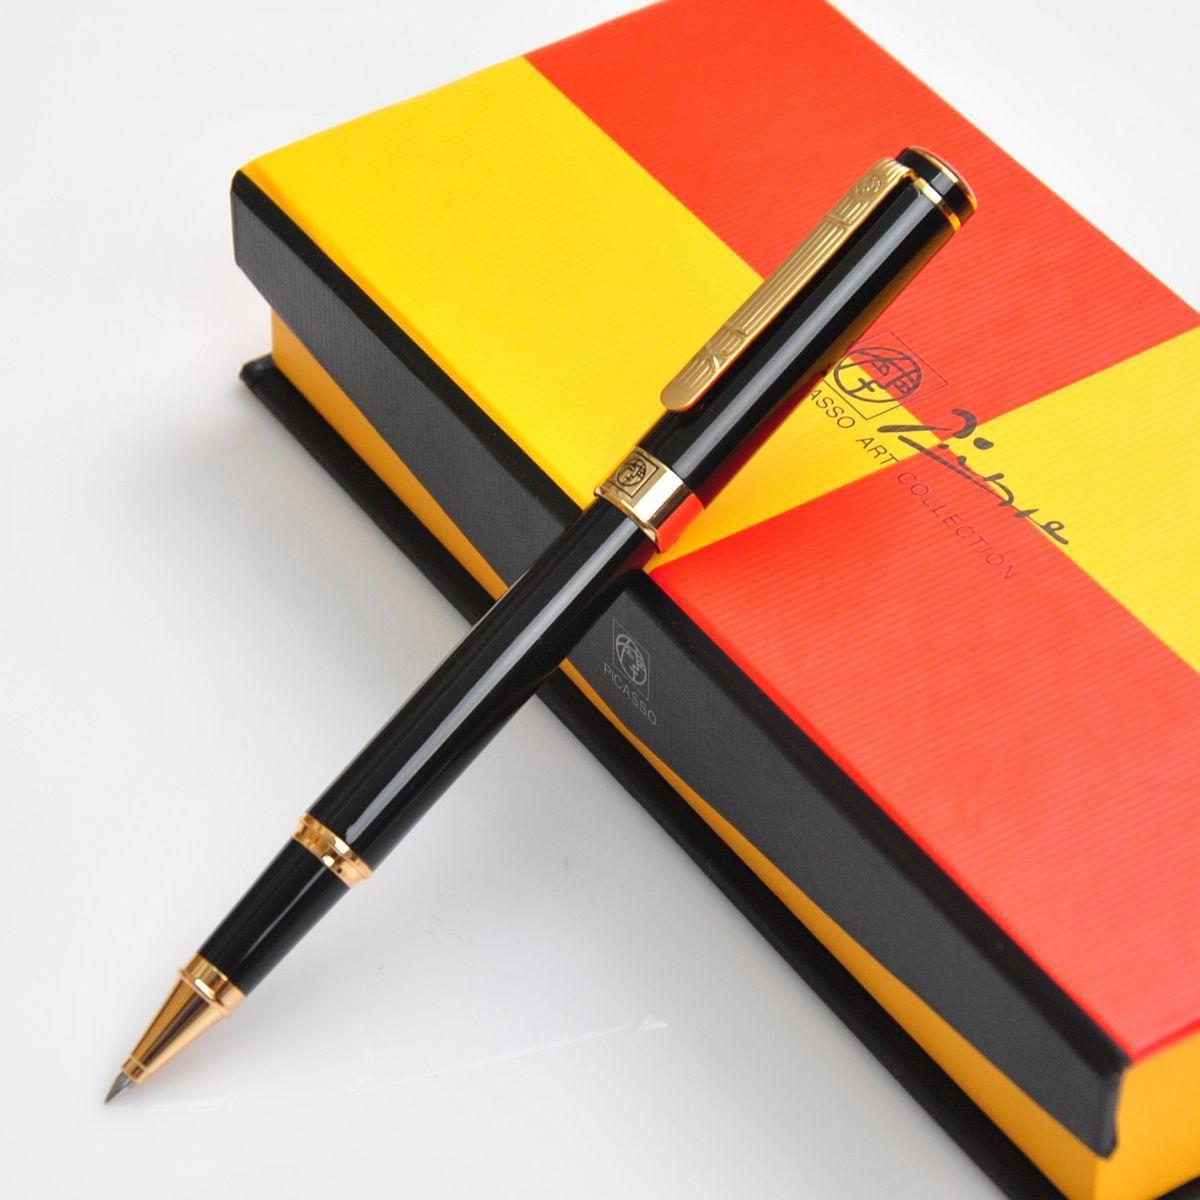 毕加索钢笔 美工笔 毕加索笔 毕加索902绅士钢笔 节日